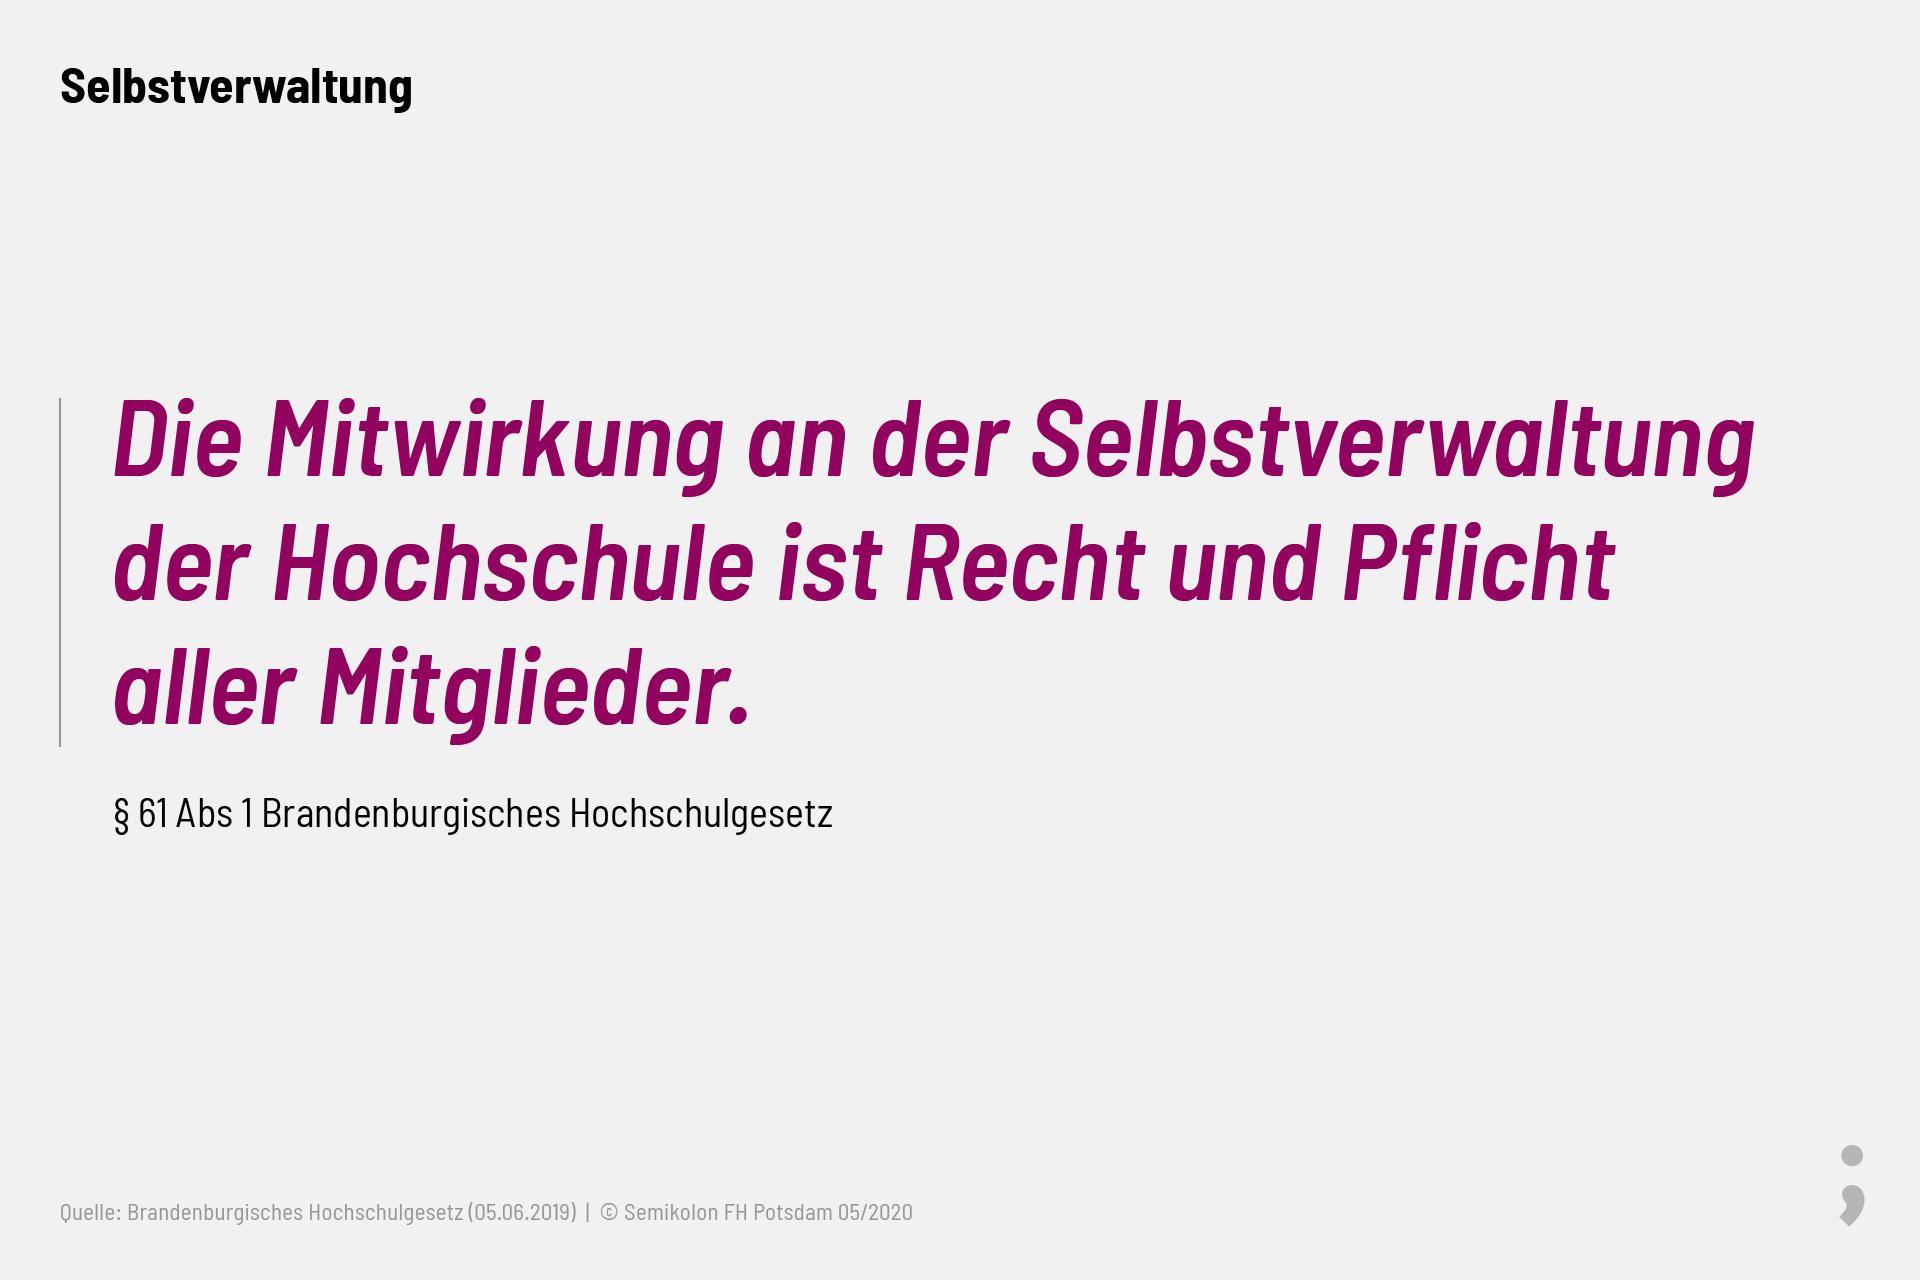 Die Mitwirkung an der Selbstverwaltung der Hochschule ist Recht und Pflicht aller Mitglieder. Brandenburgisches Hochschulgesetz